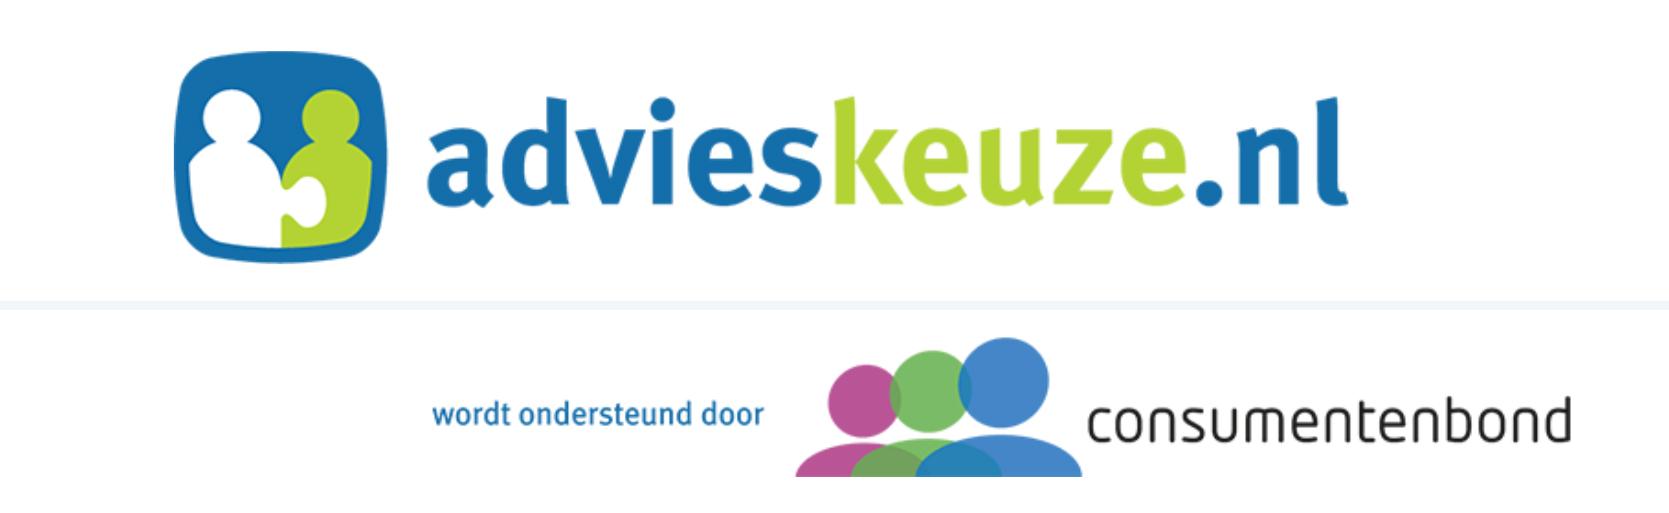 advieskeuze-logo-combi